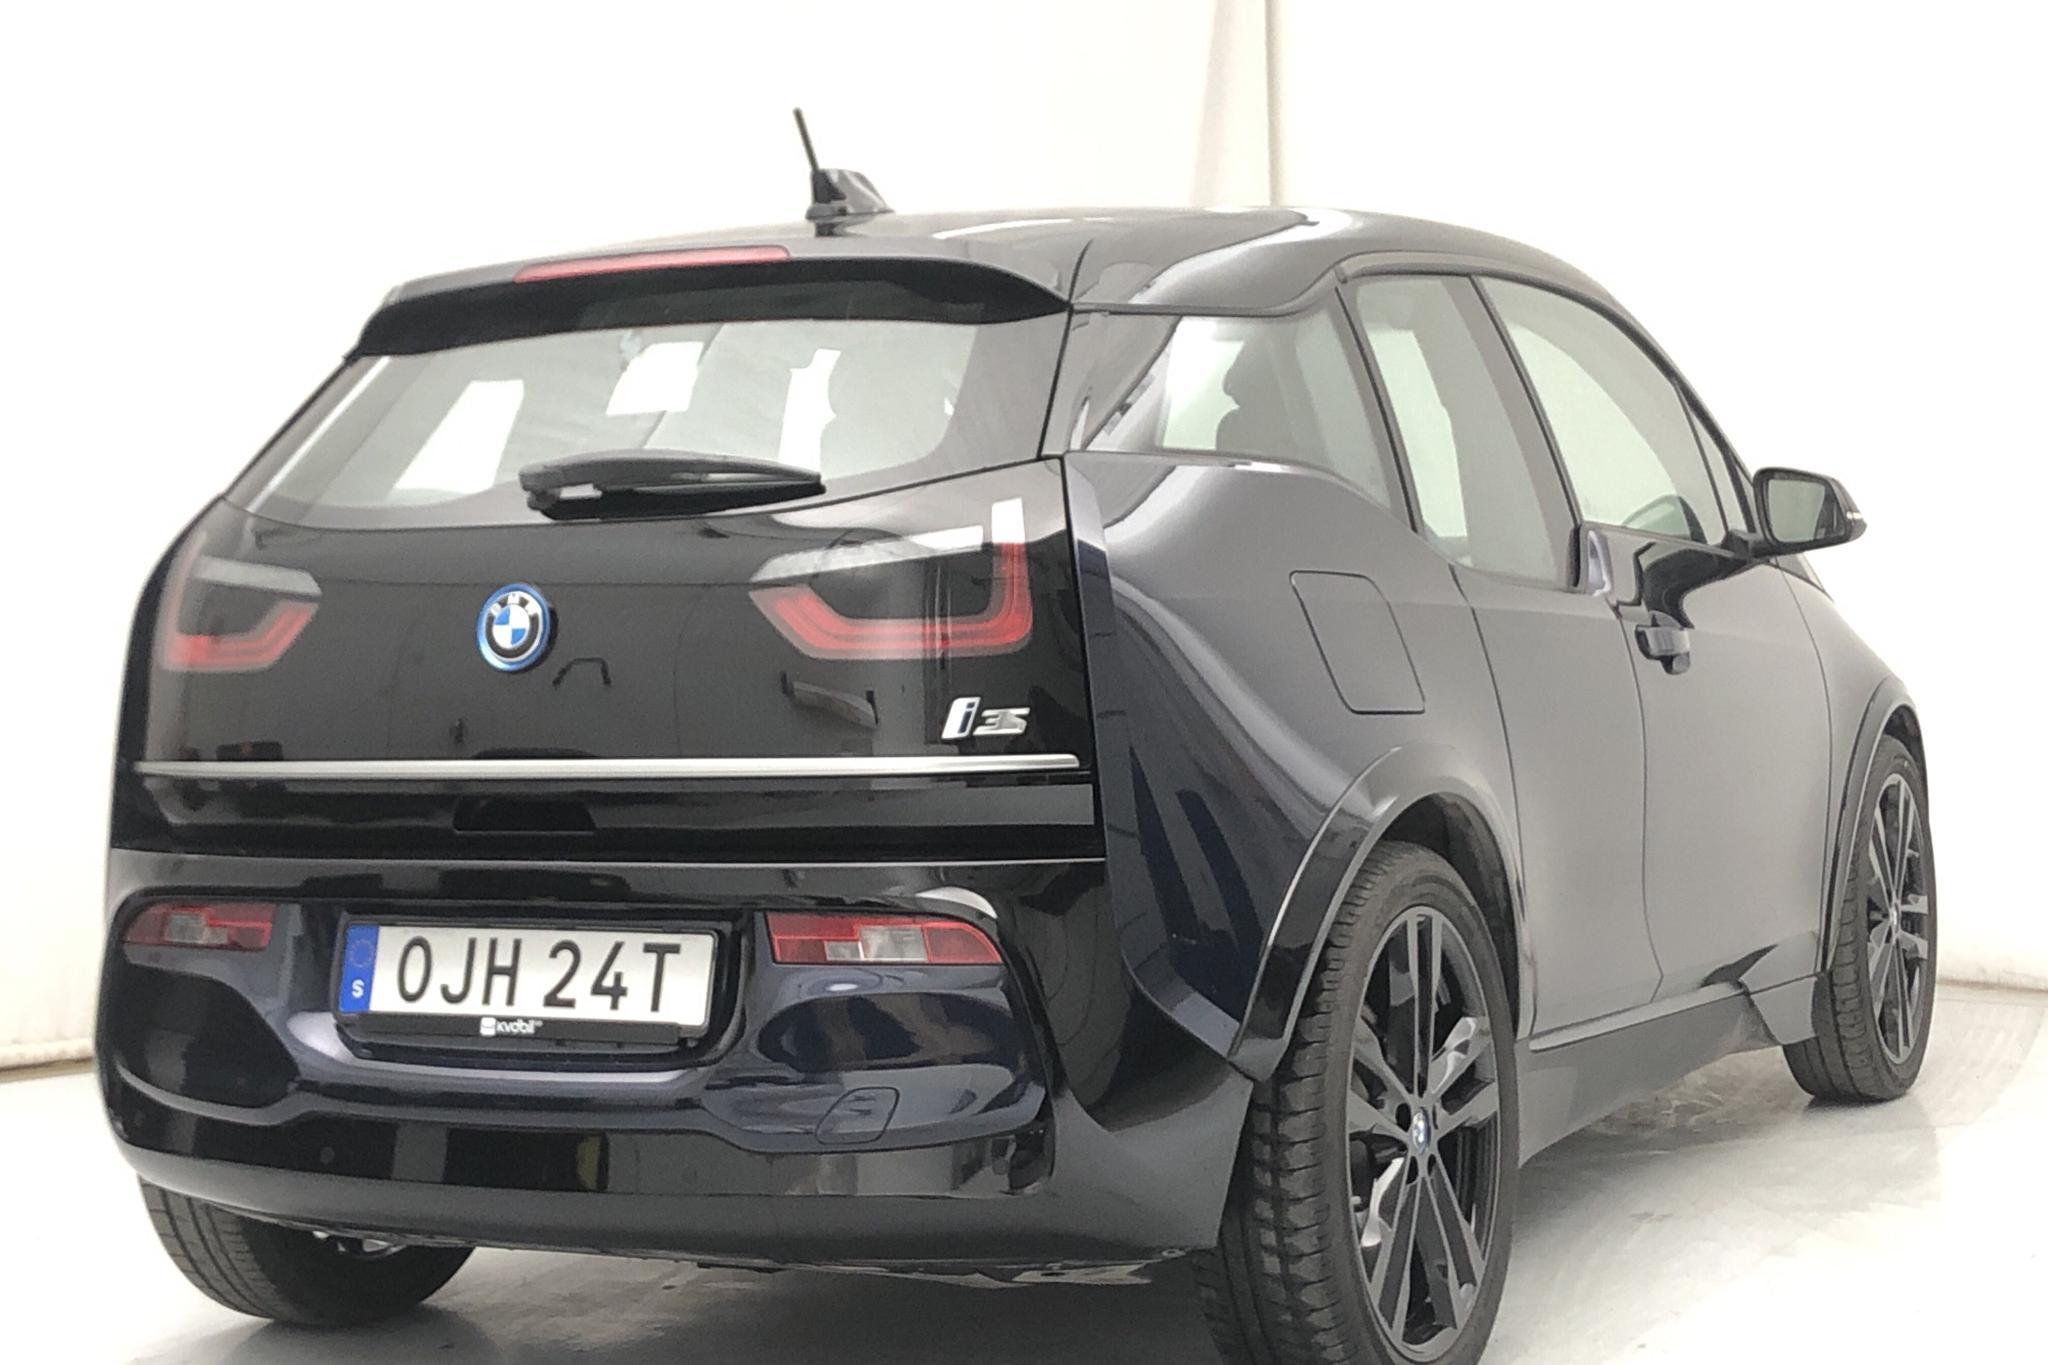 BMW i3s 120Ah, I01 (184hk) - 16 550 km - Automatic - blue - 2020